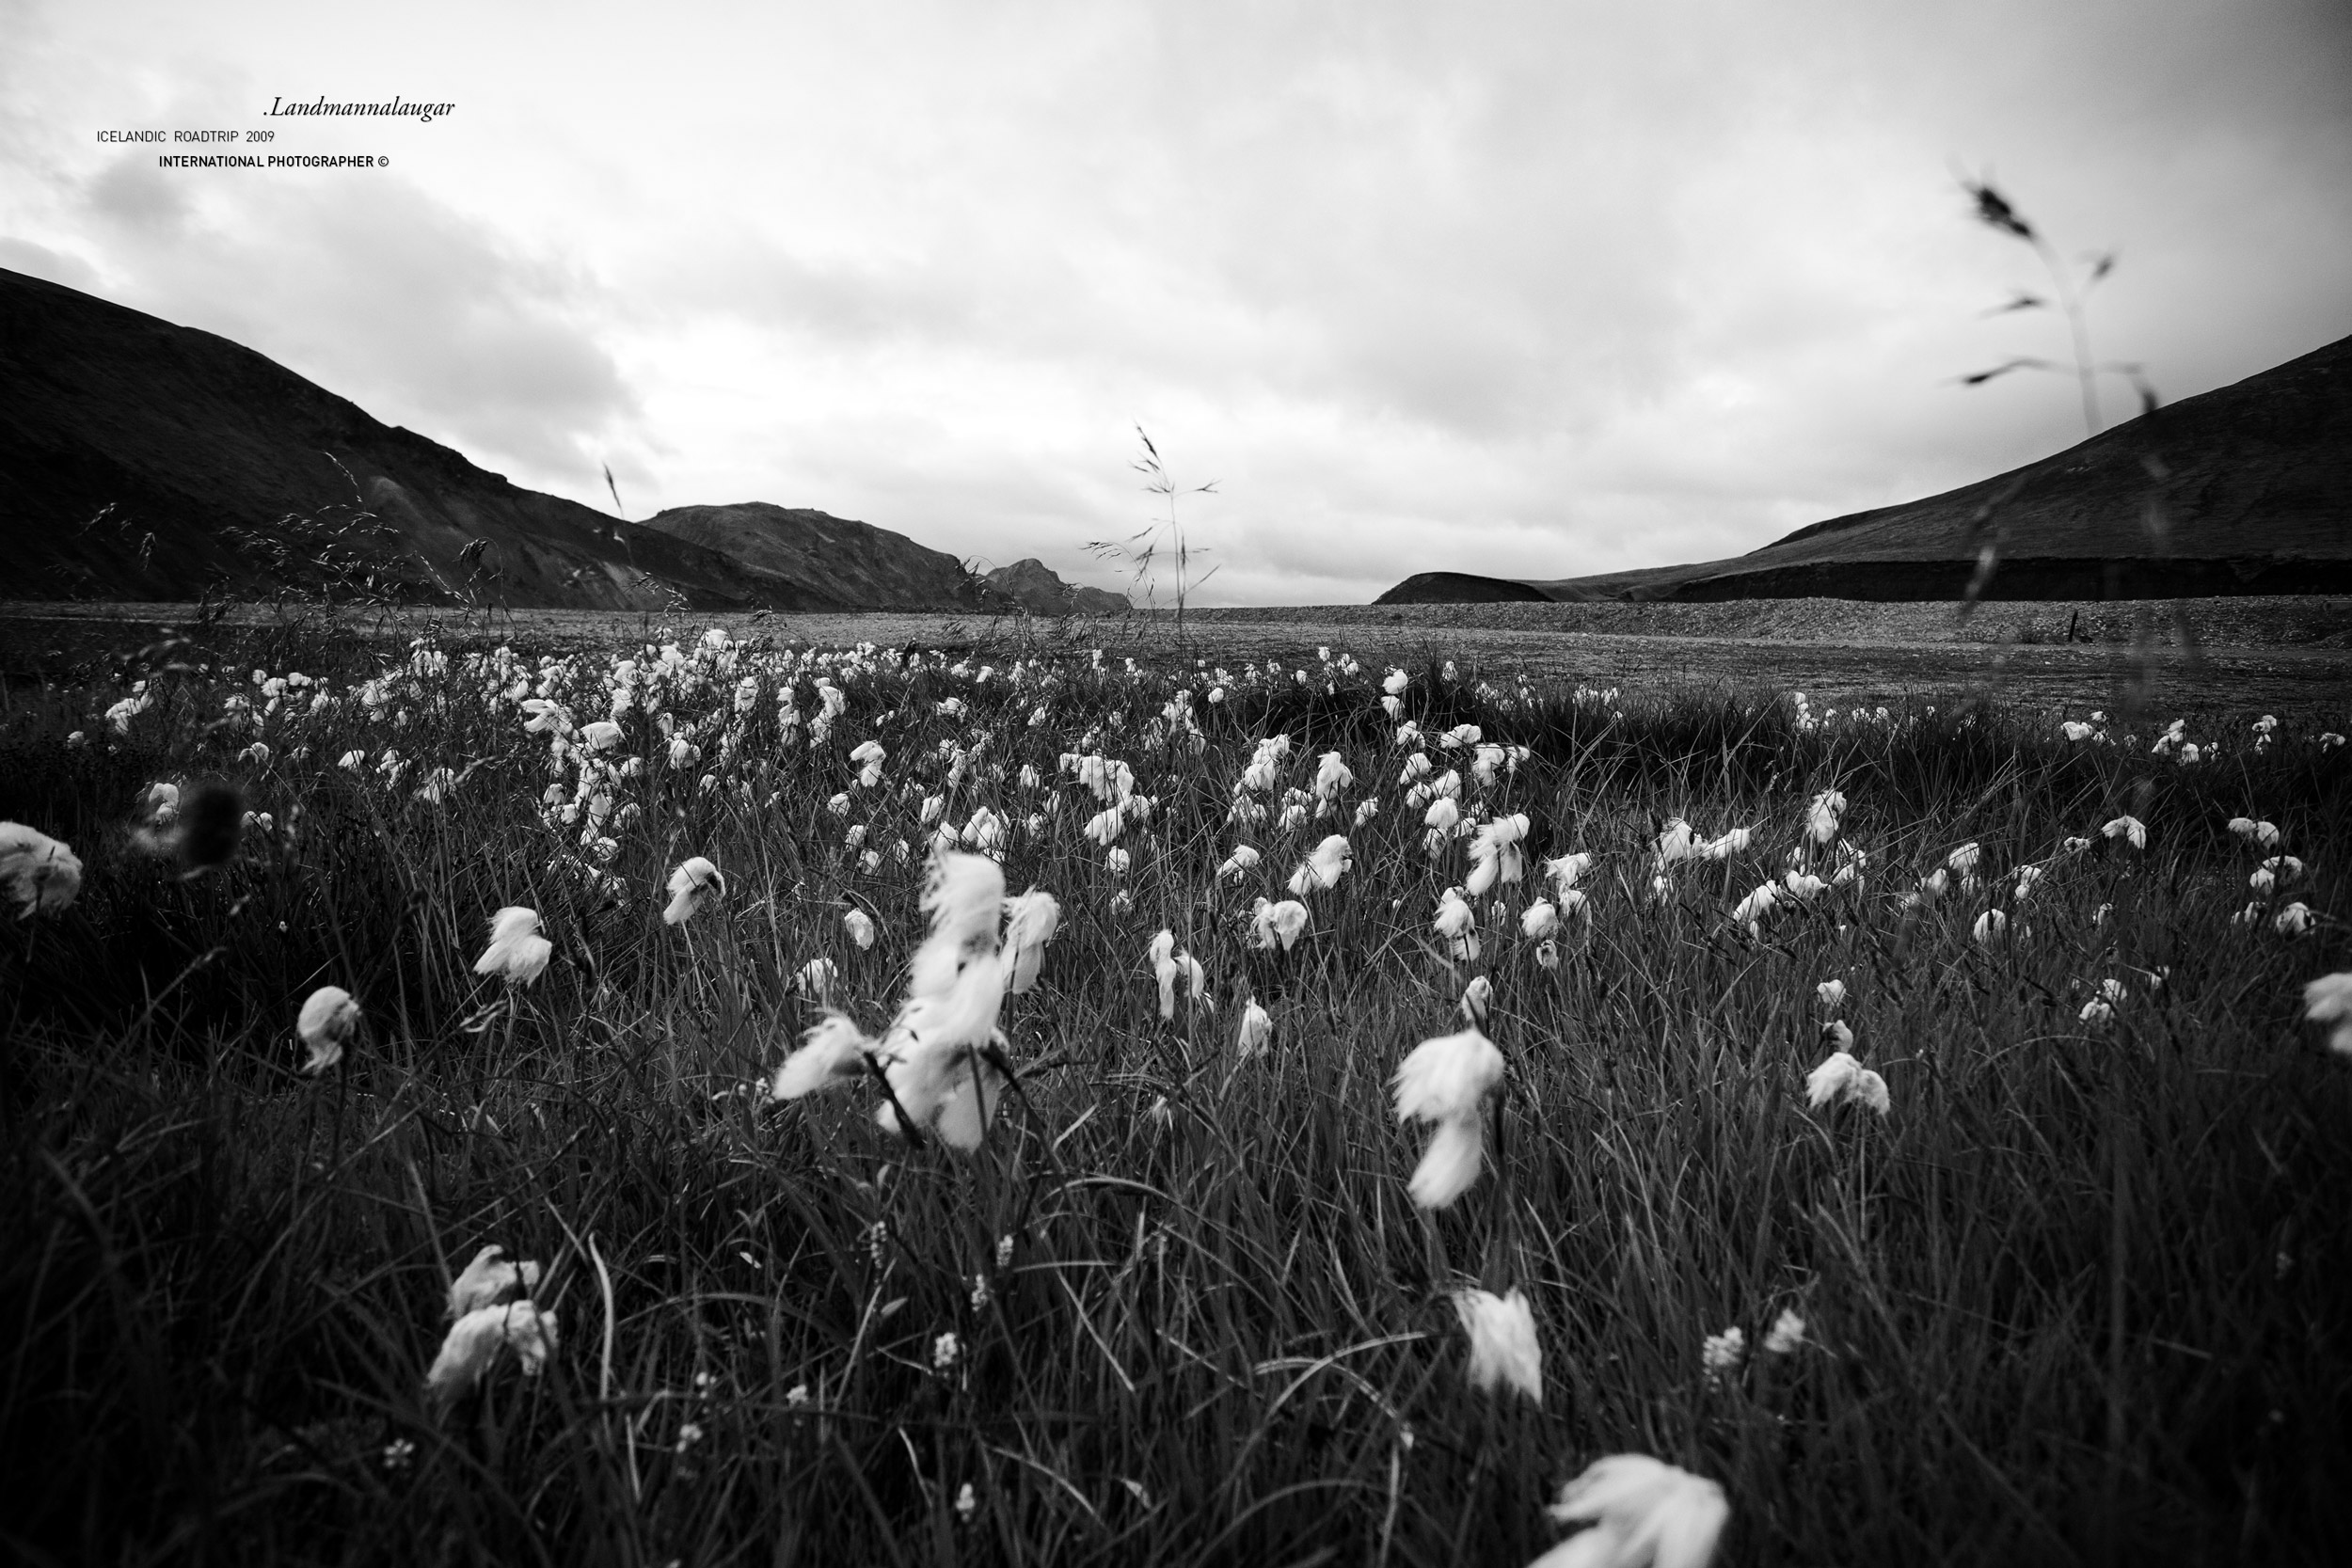 Fleurs de coton au Landmannalaugar